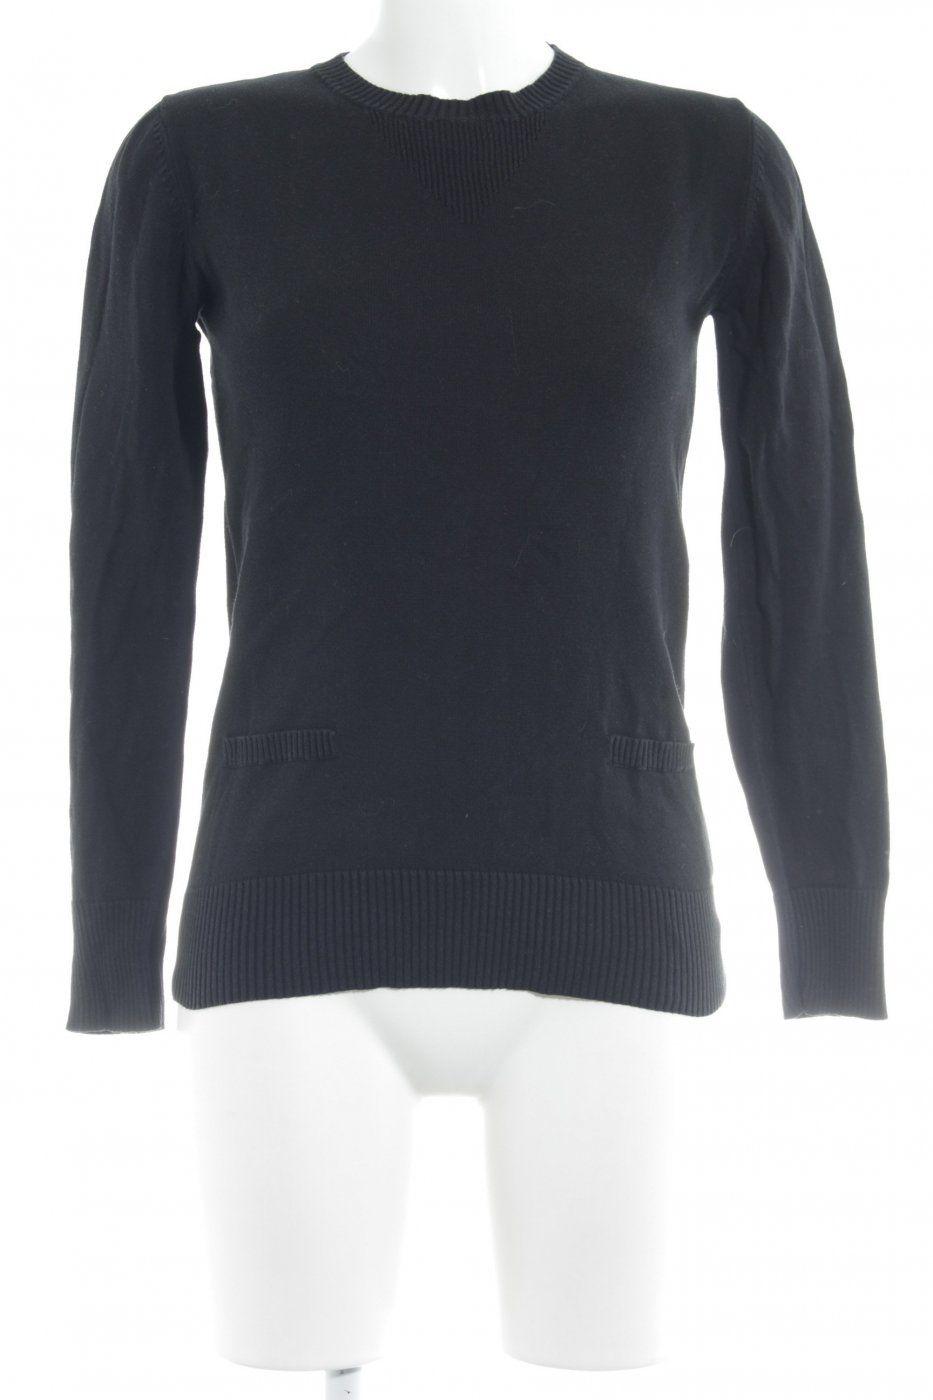 Element Strickpullover schwarz Casual-Look | Mädchenflohmarkt